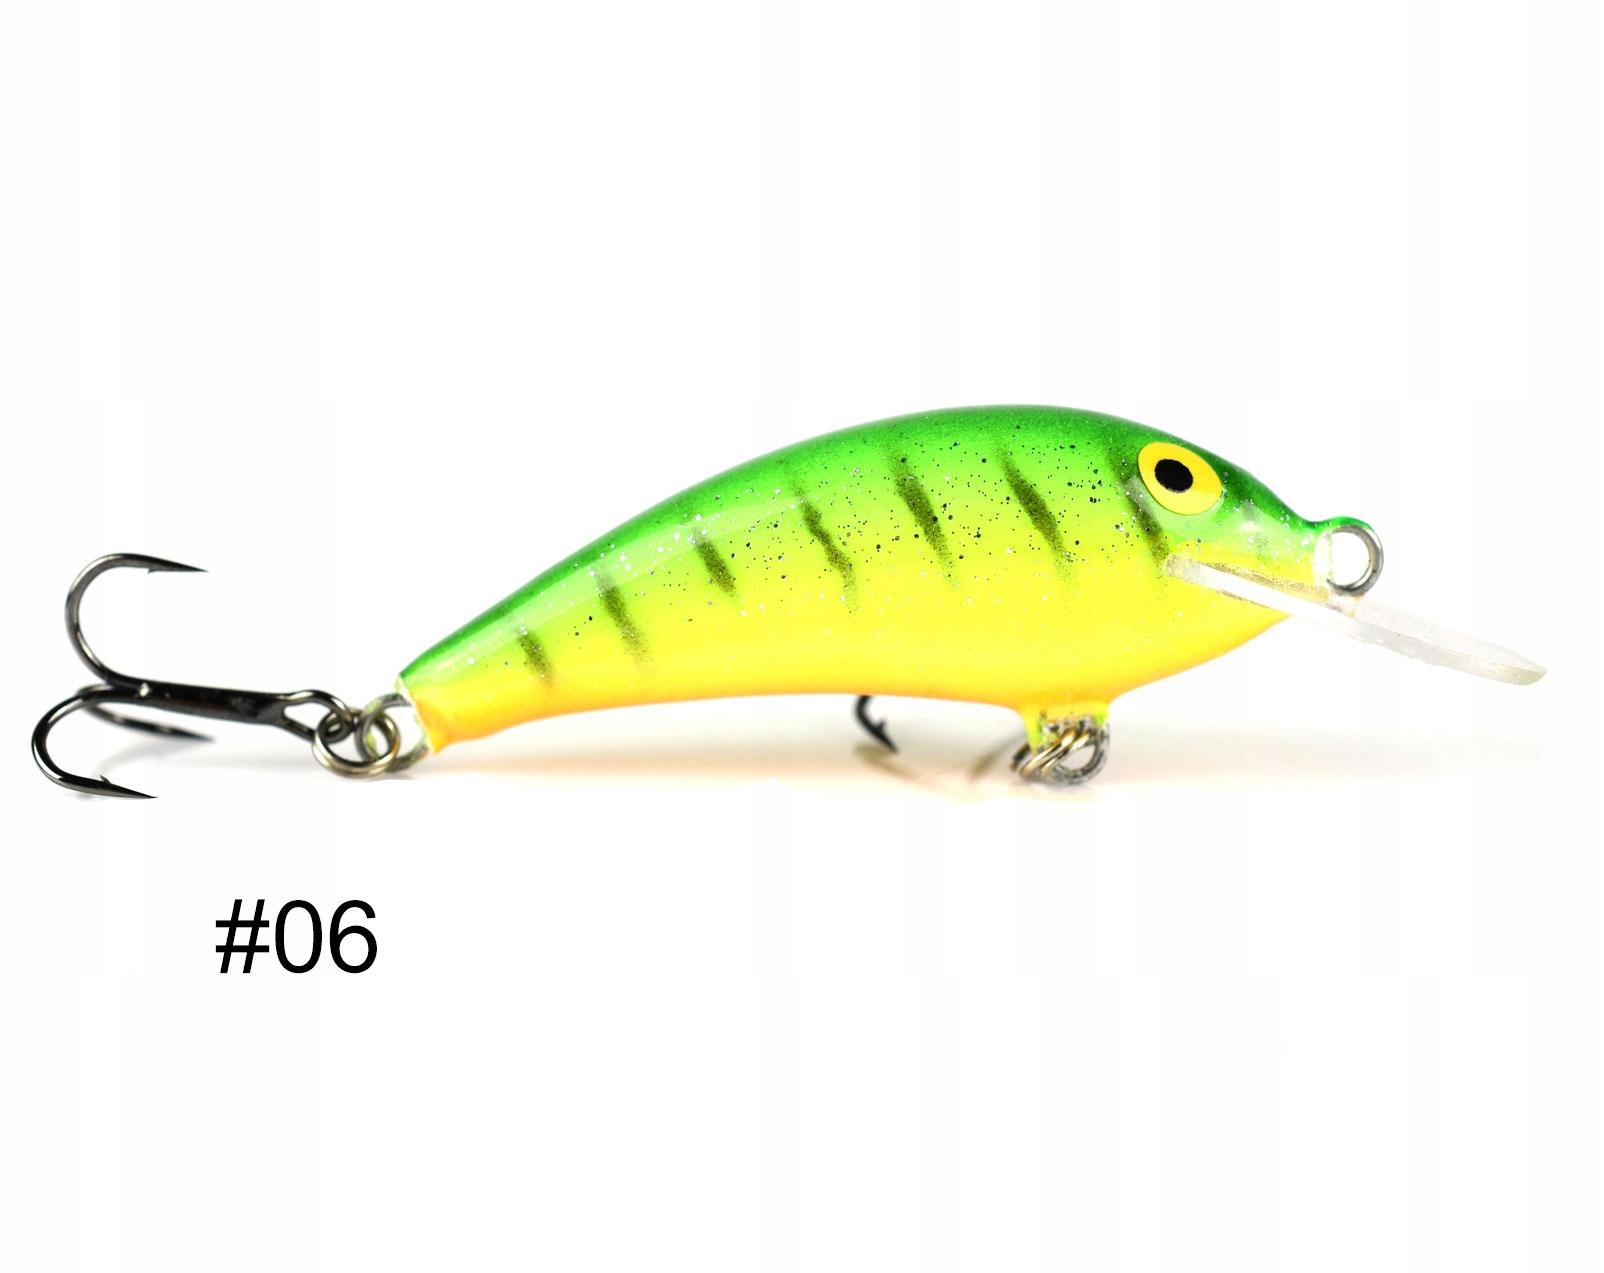 Siek Bączek wobler pływający 4,5cm 2,8g kolor 06